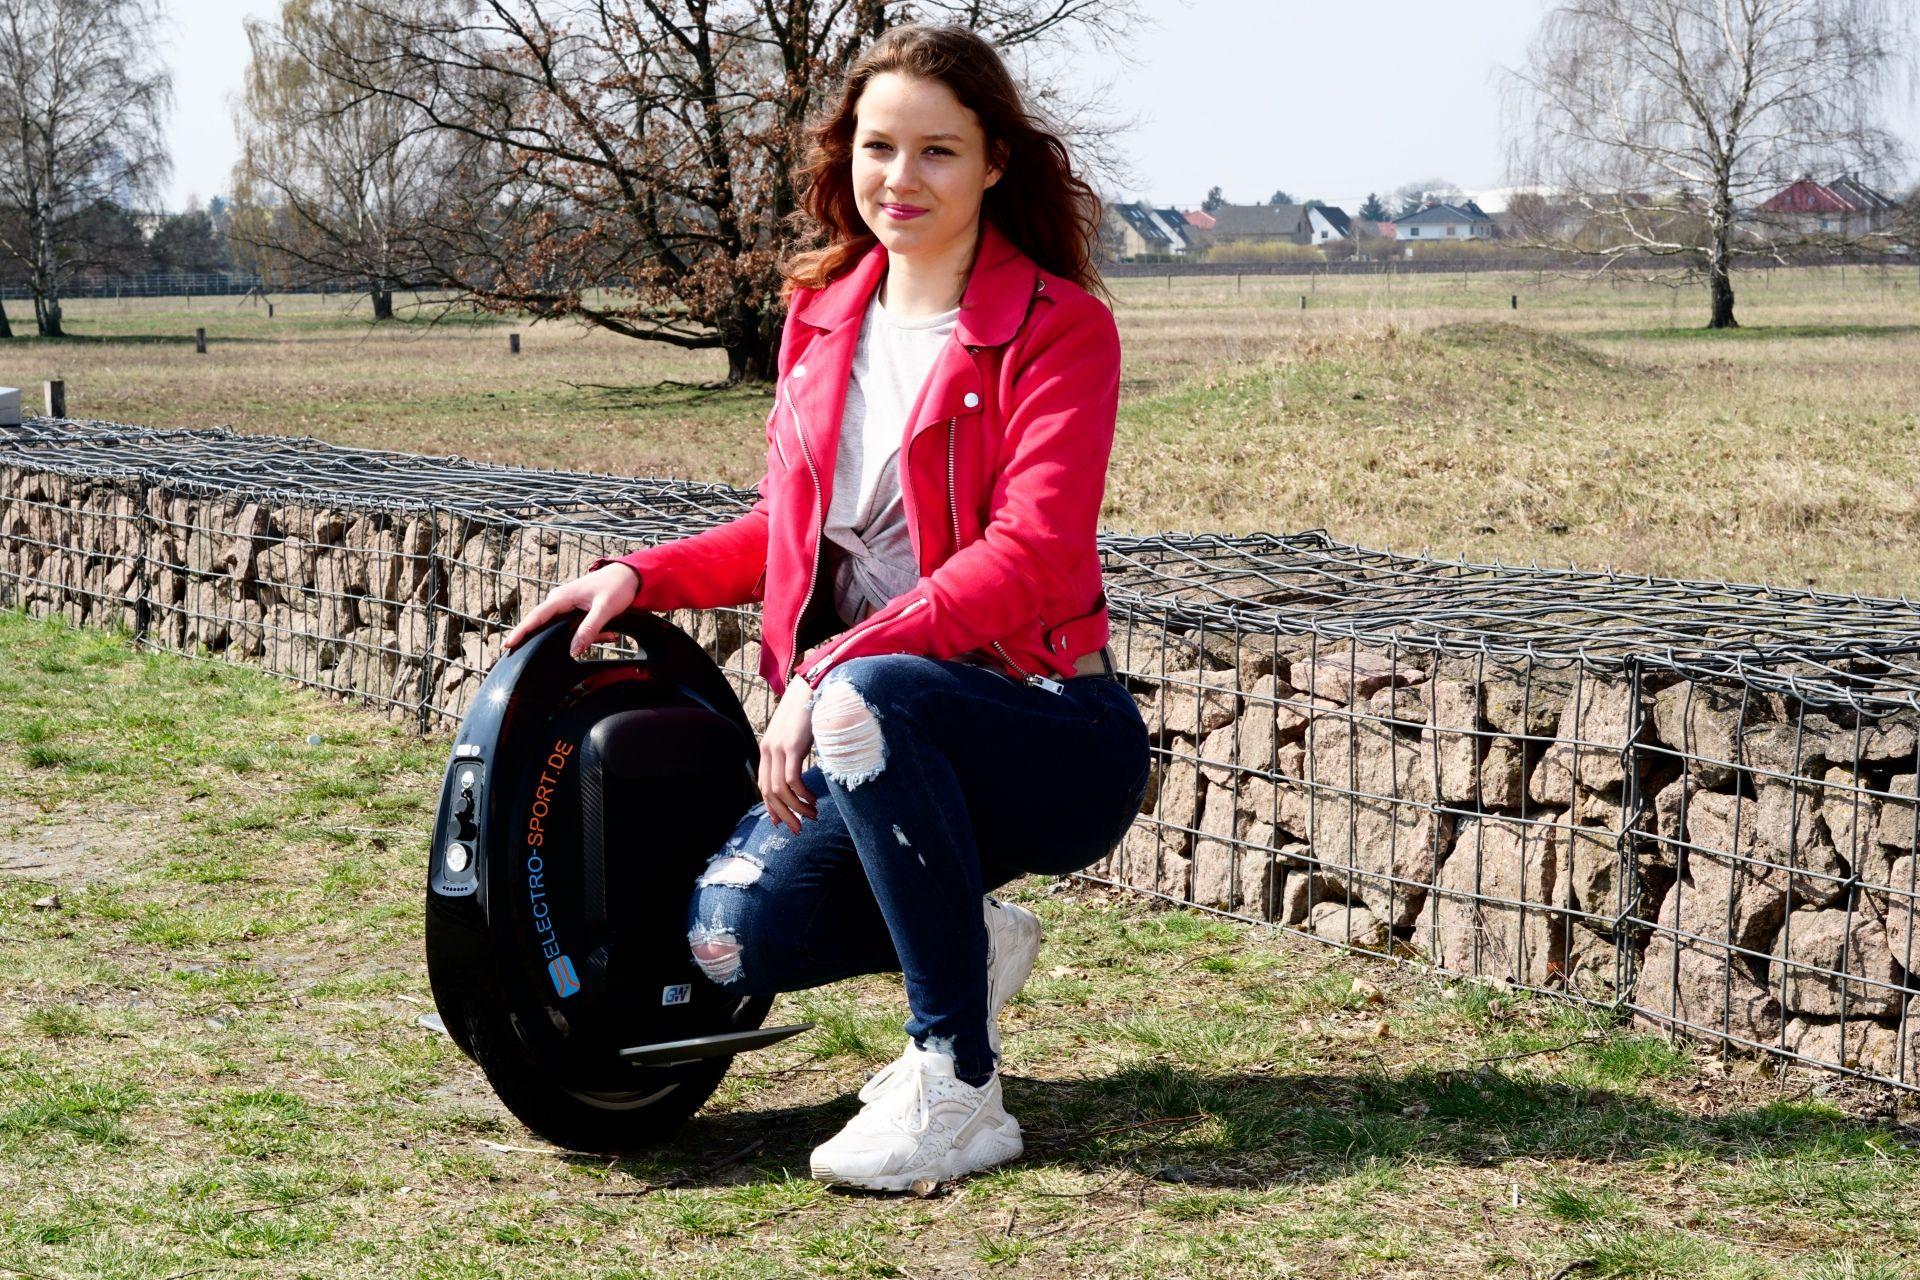 Larissa für das neue Gotway Tesla (ACM 3) | Gotway Tesla (ACM3